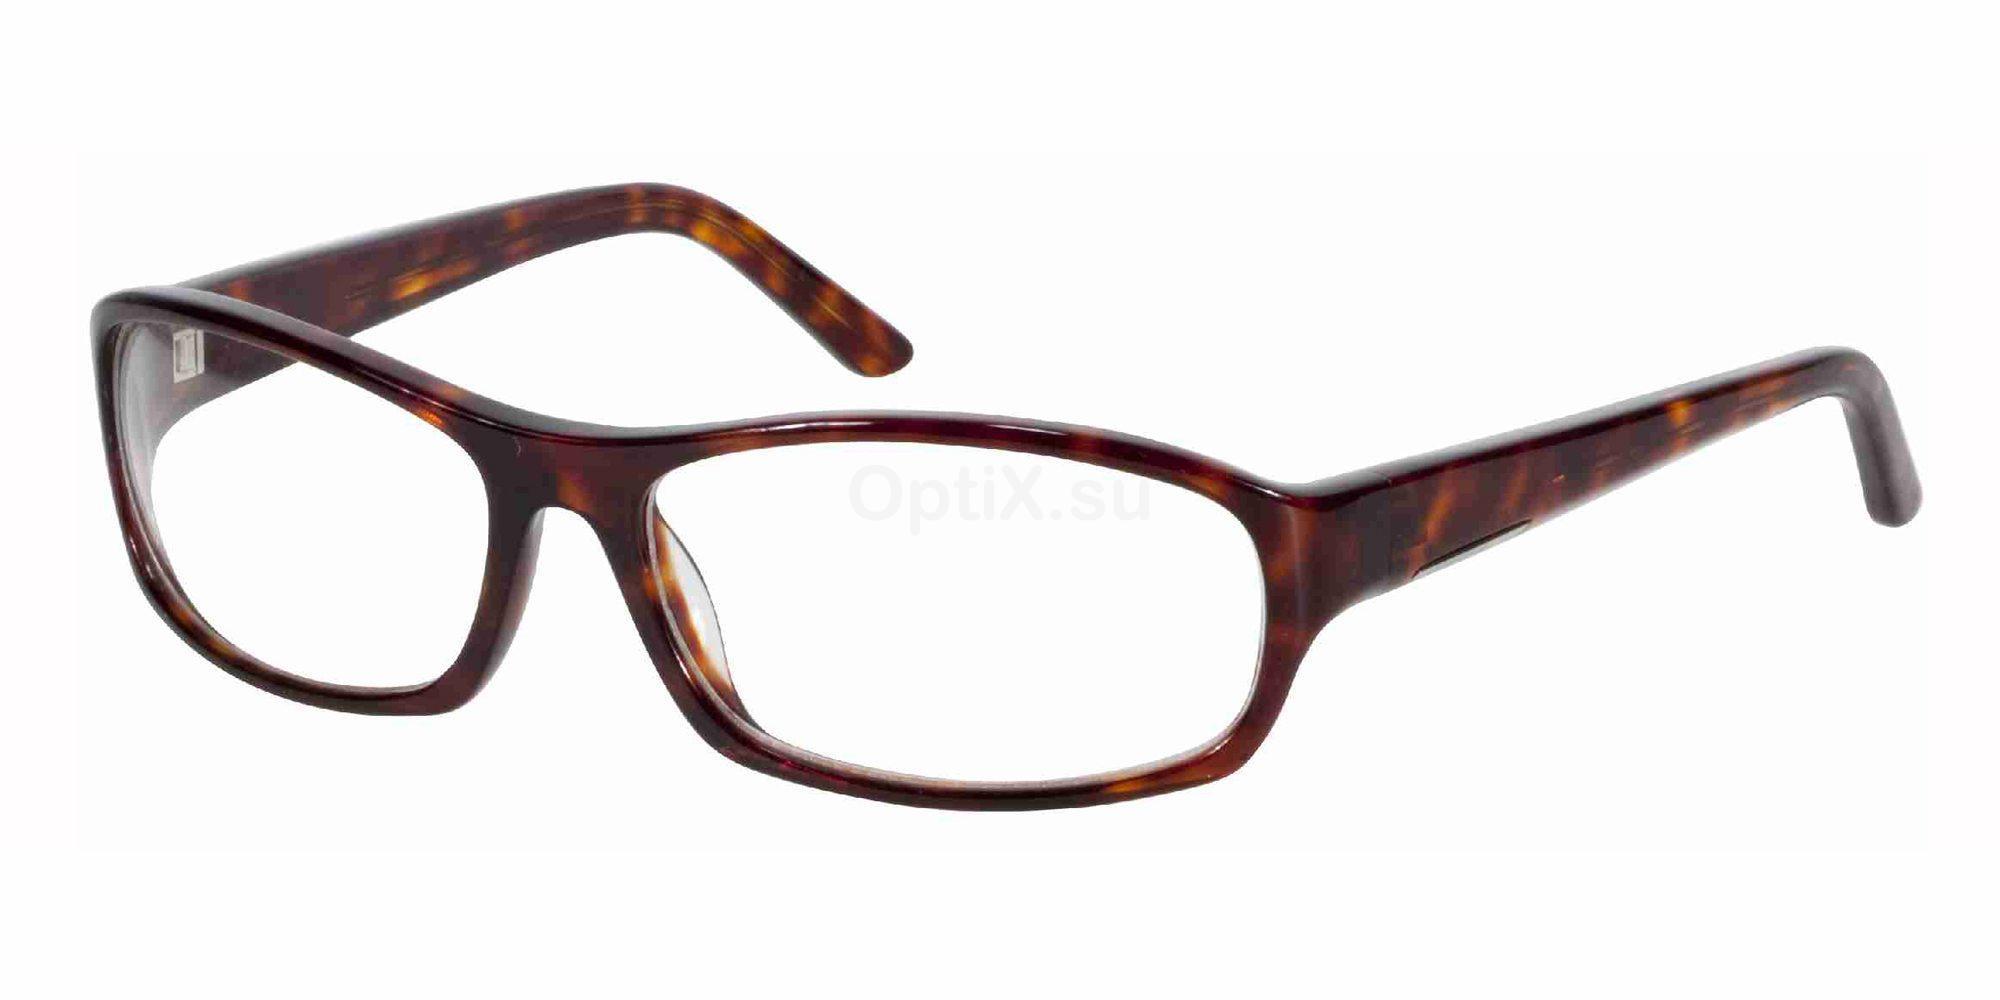 8651 31007 , JAGUAR Eyewear